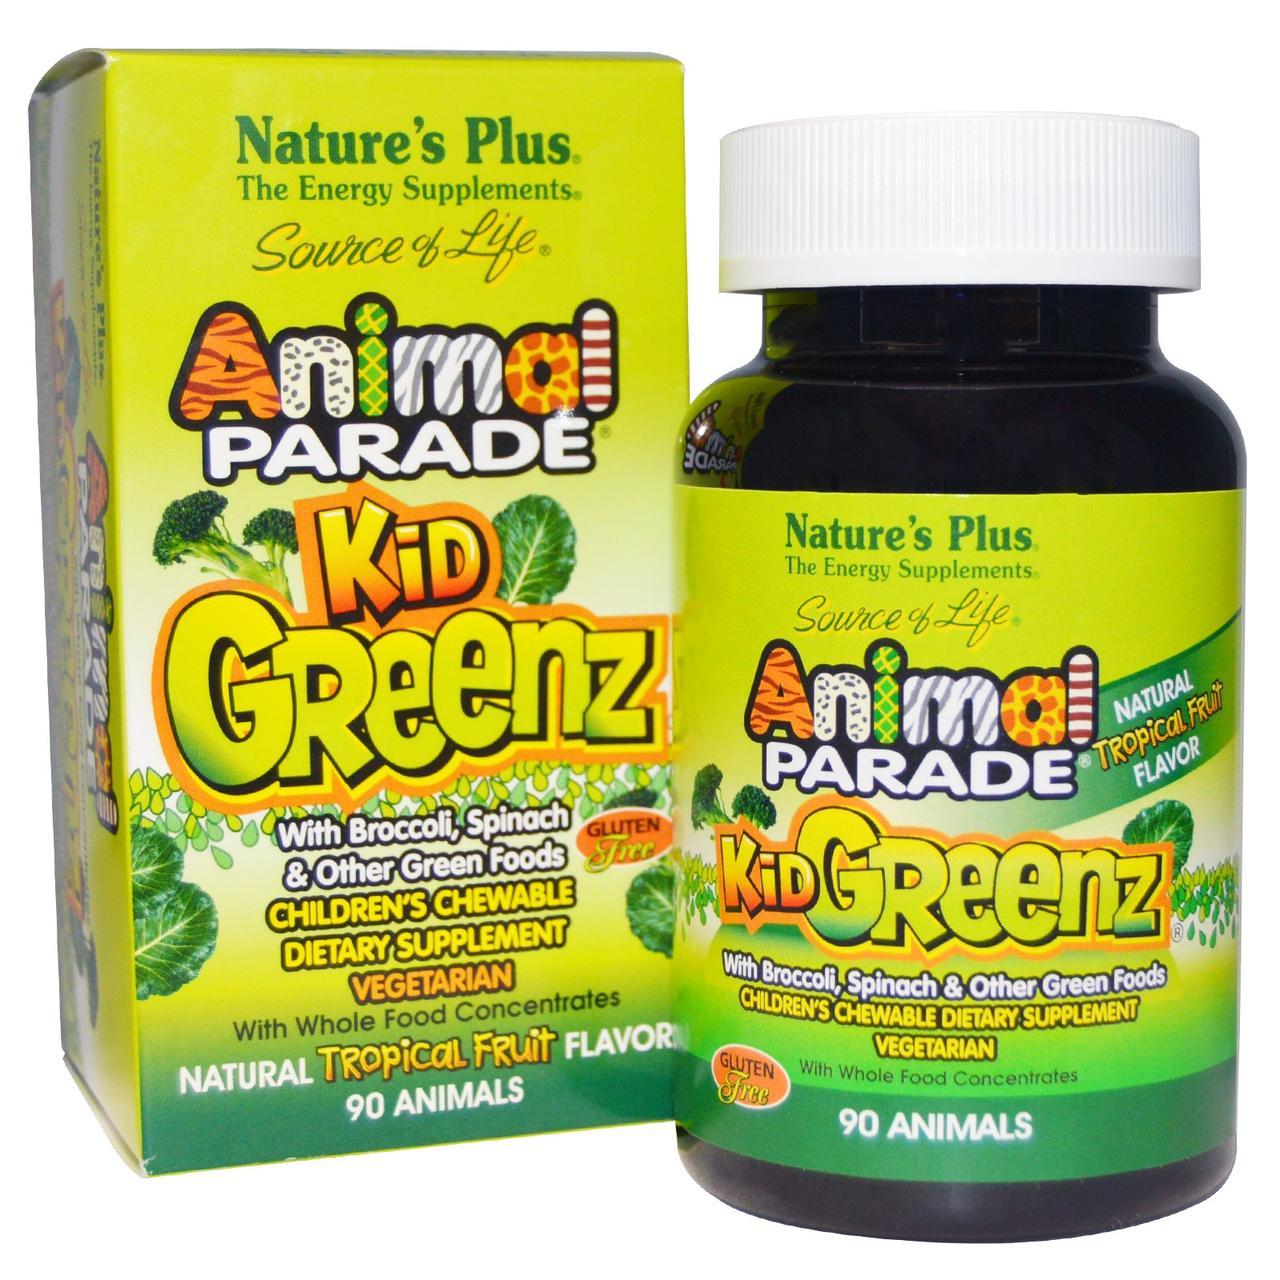 Витаминный Комплекс из Зеленых Суперфудов для Детей, Вкус Тропических фруктов, Kid Greenz, Animal Parade,